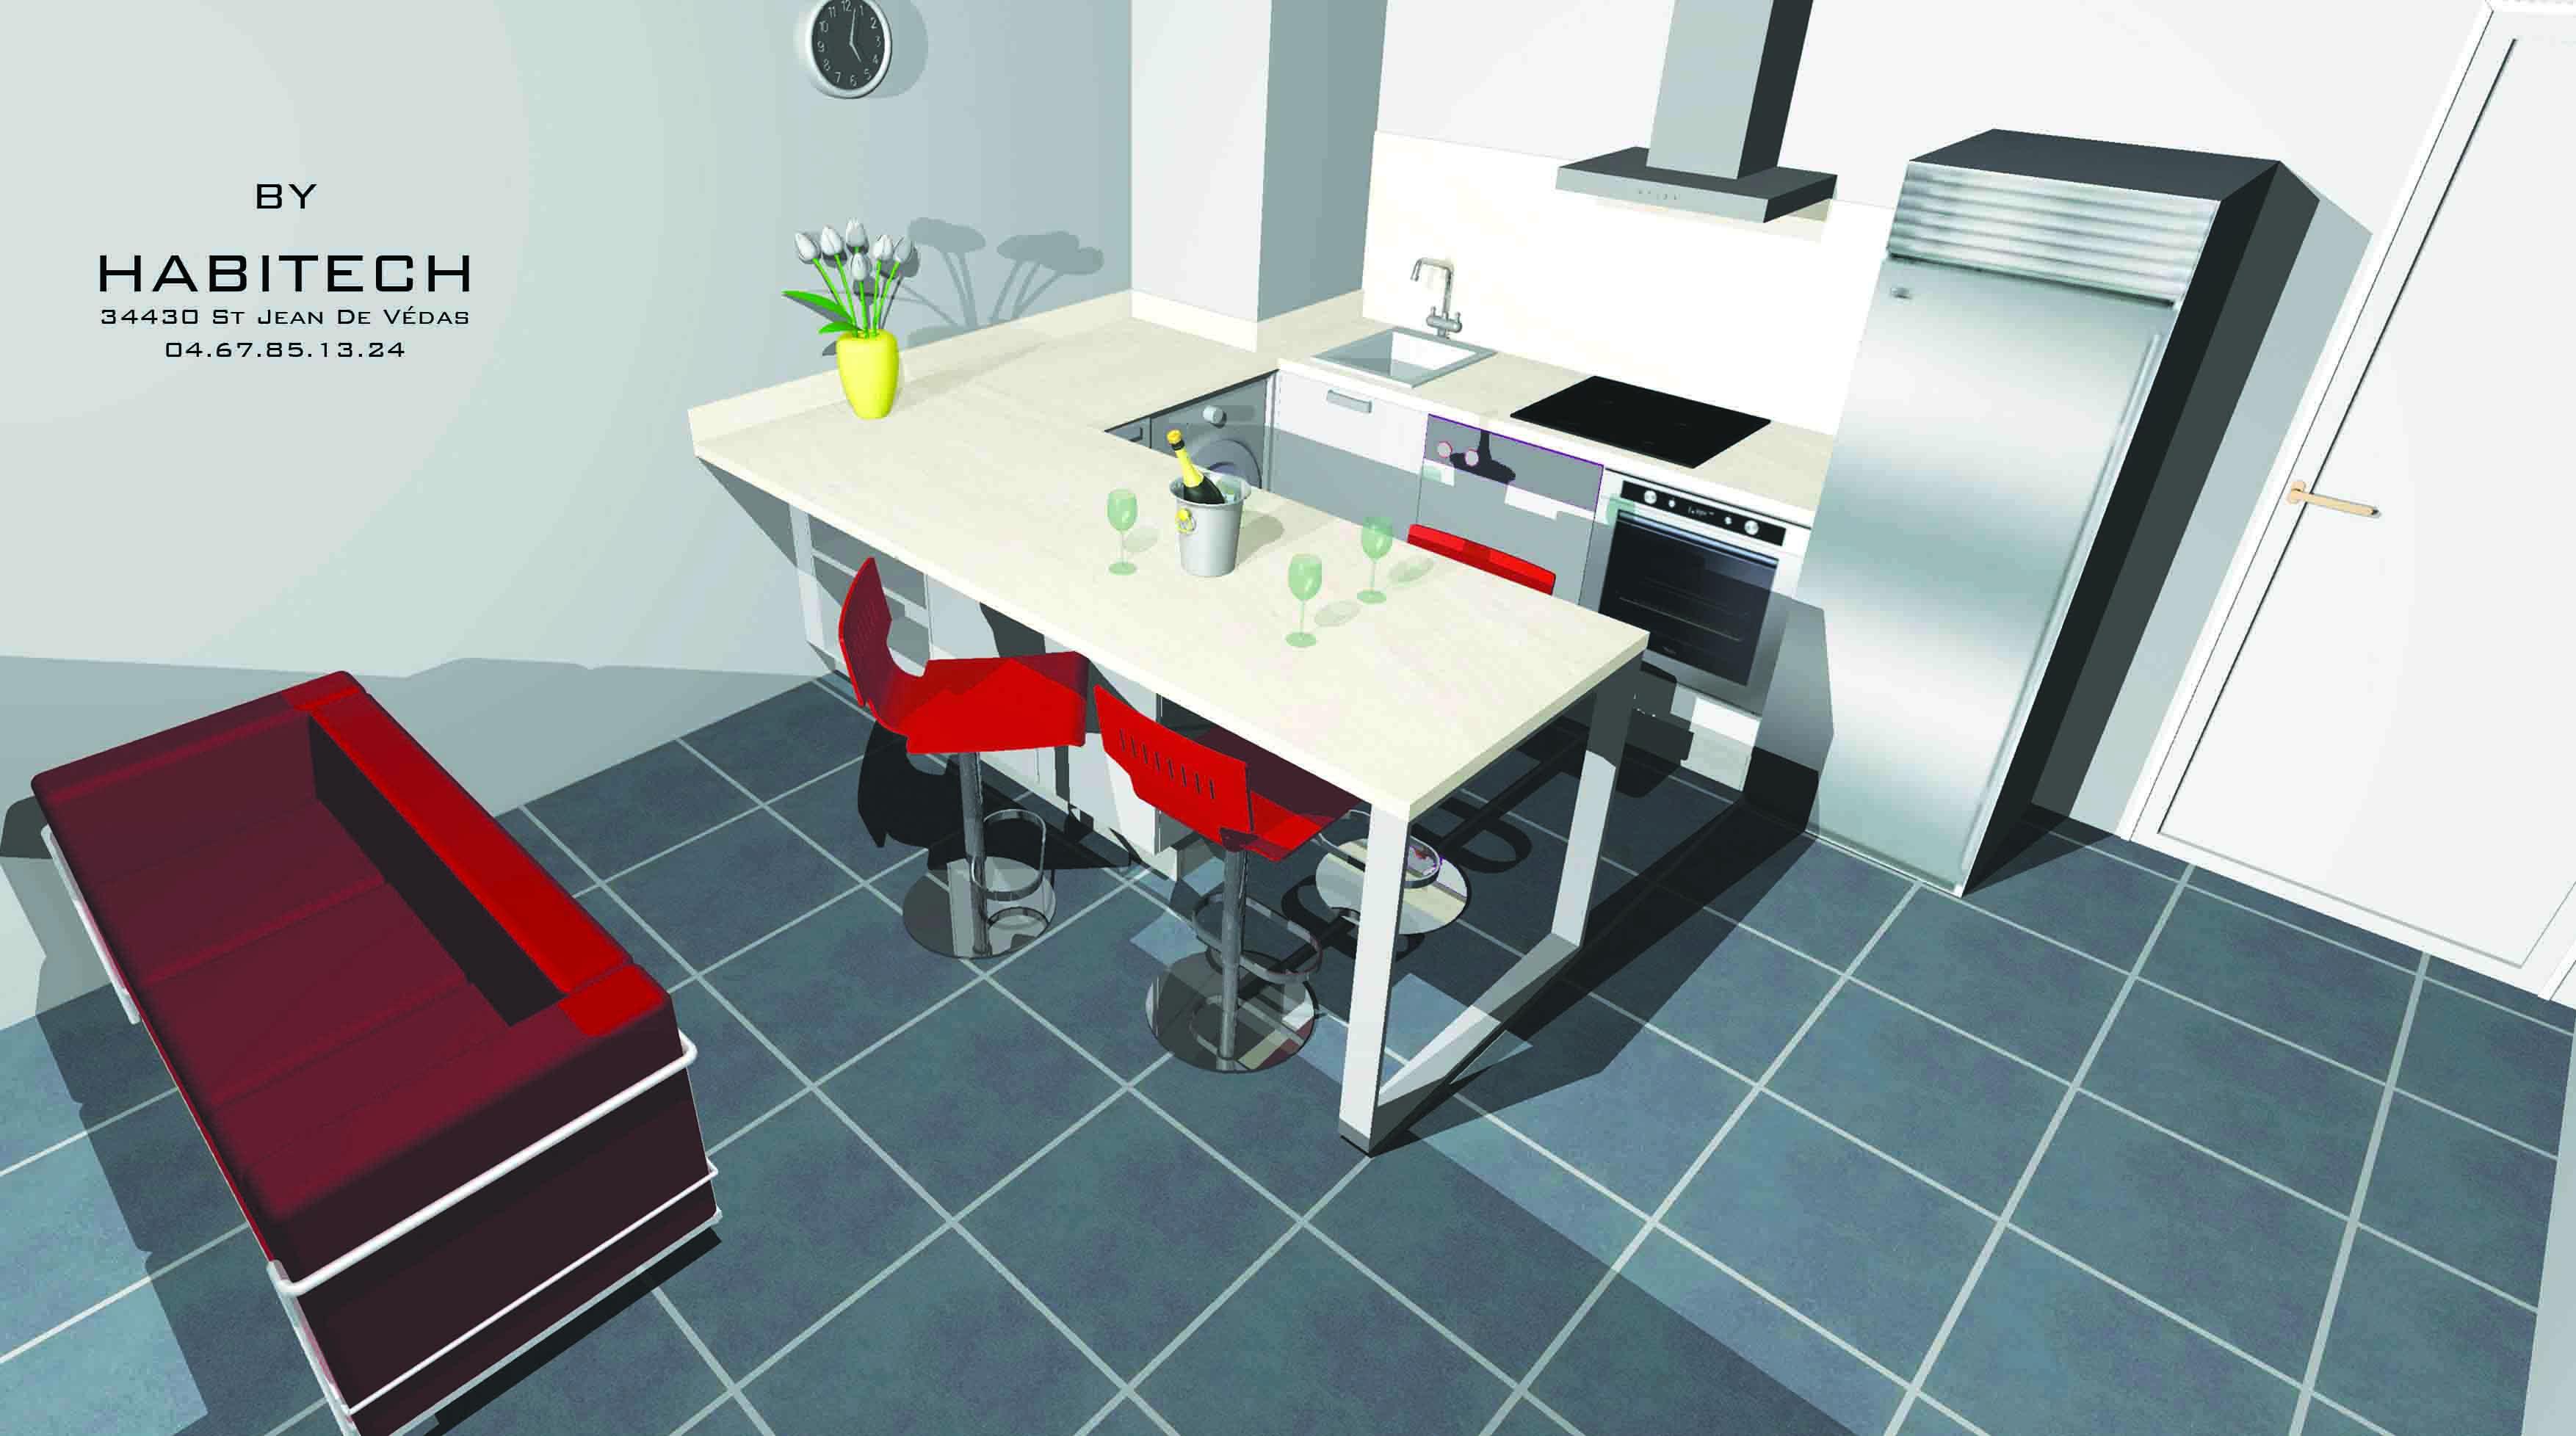 By habitech maquettes de projets for Maquette cuisine 3d